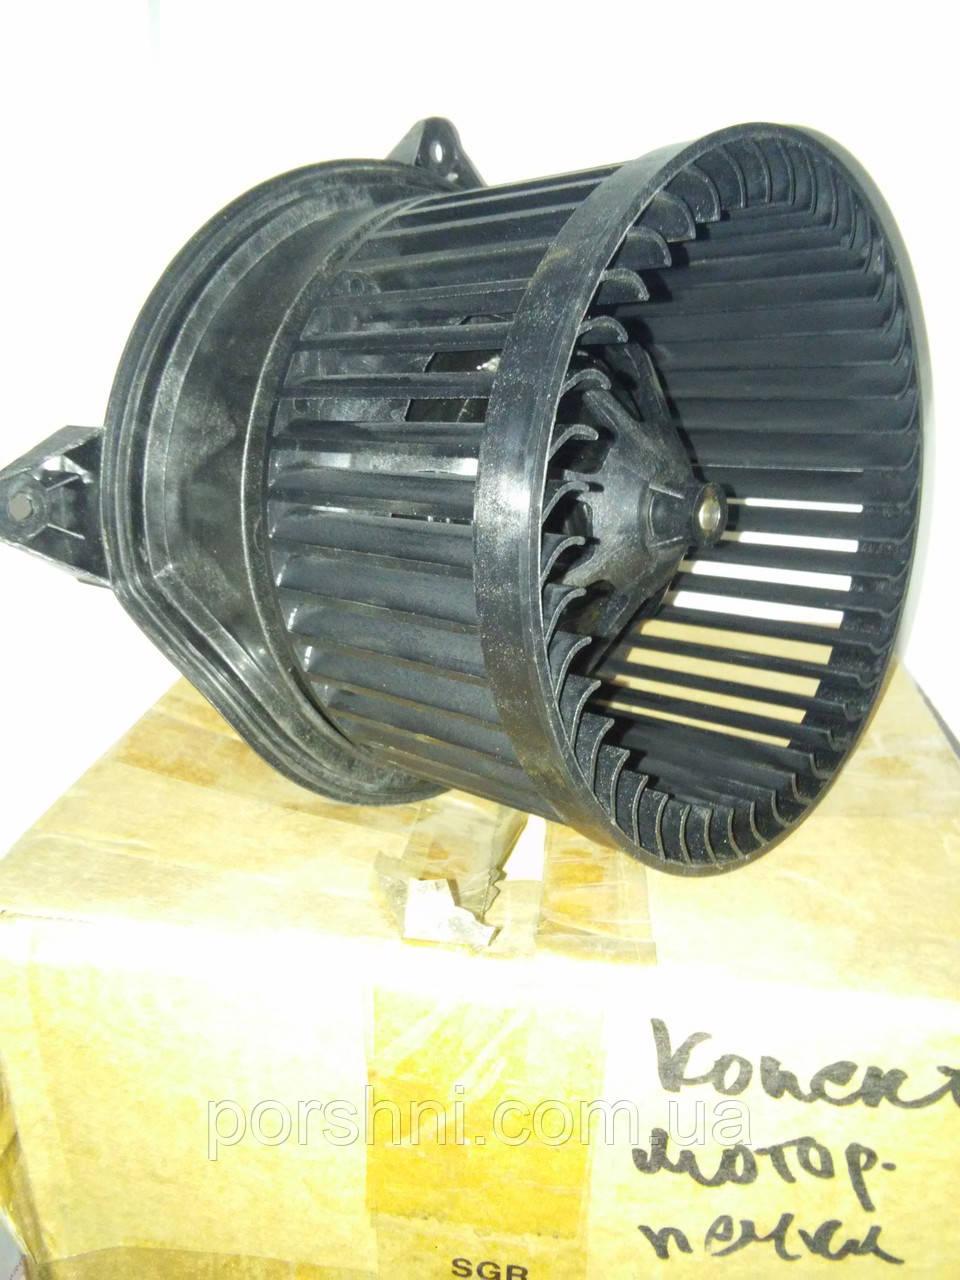 Моторчик печки с крыльчаткой Ford  Focus I. Connect  Mondeo III  SGR  53456